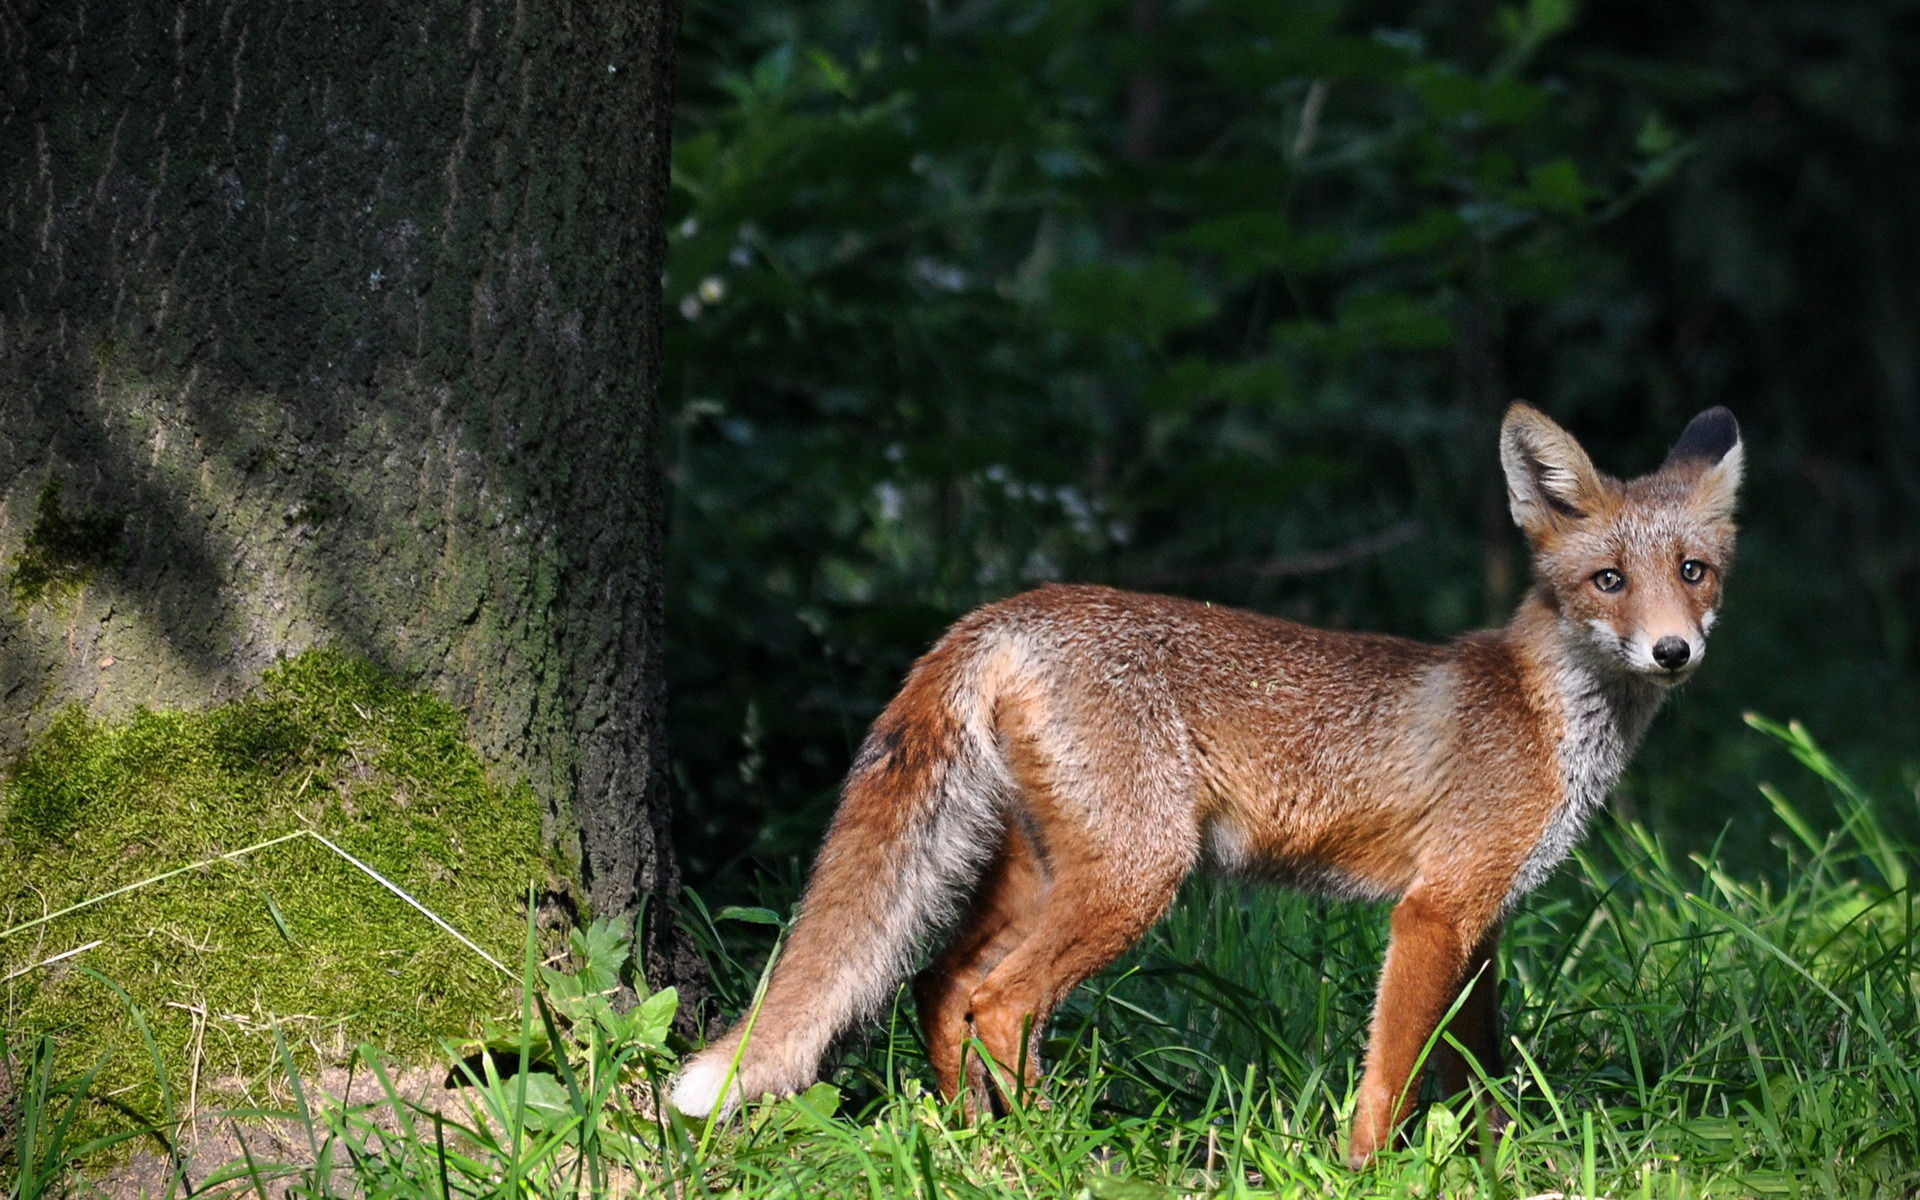 动物世界-狐狸桌面(1920x1200)壁纸 - 桌面壁纸【壁纸